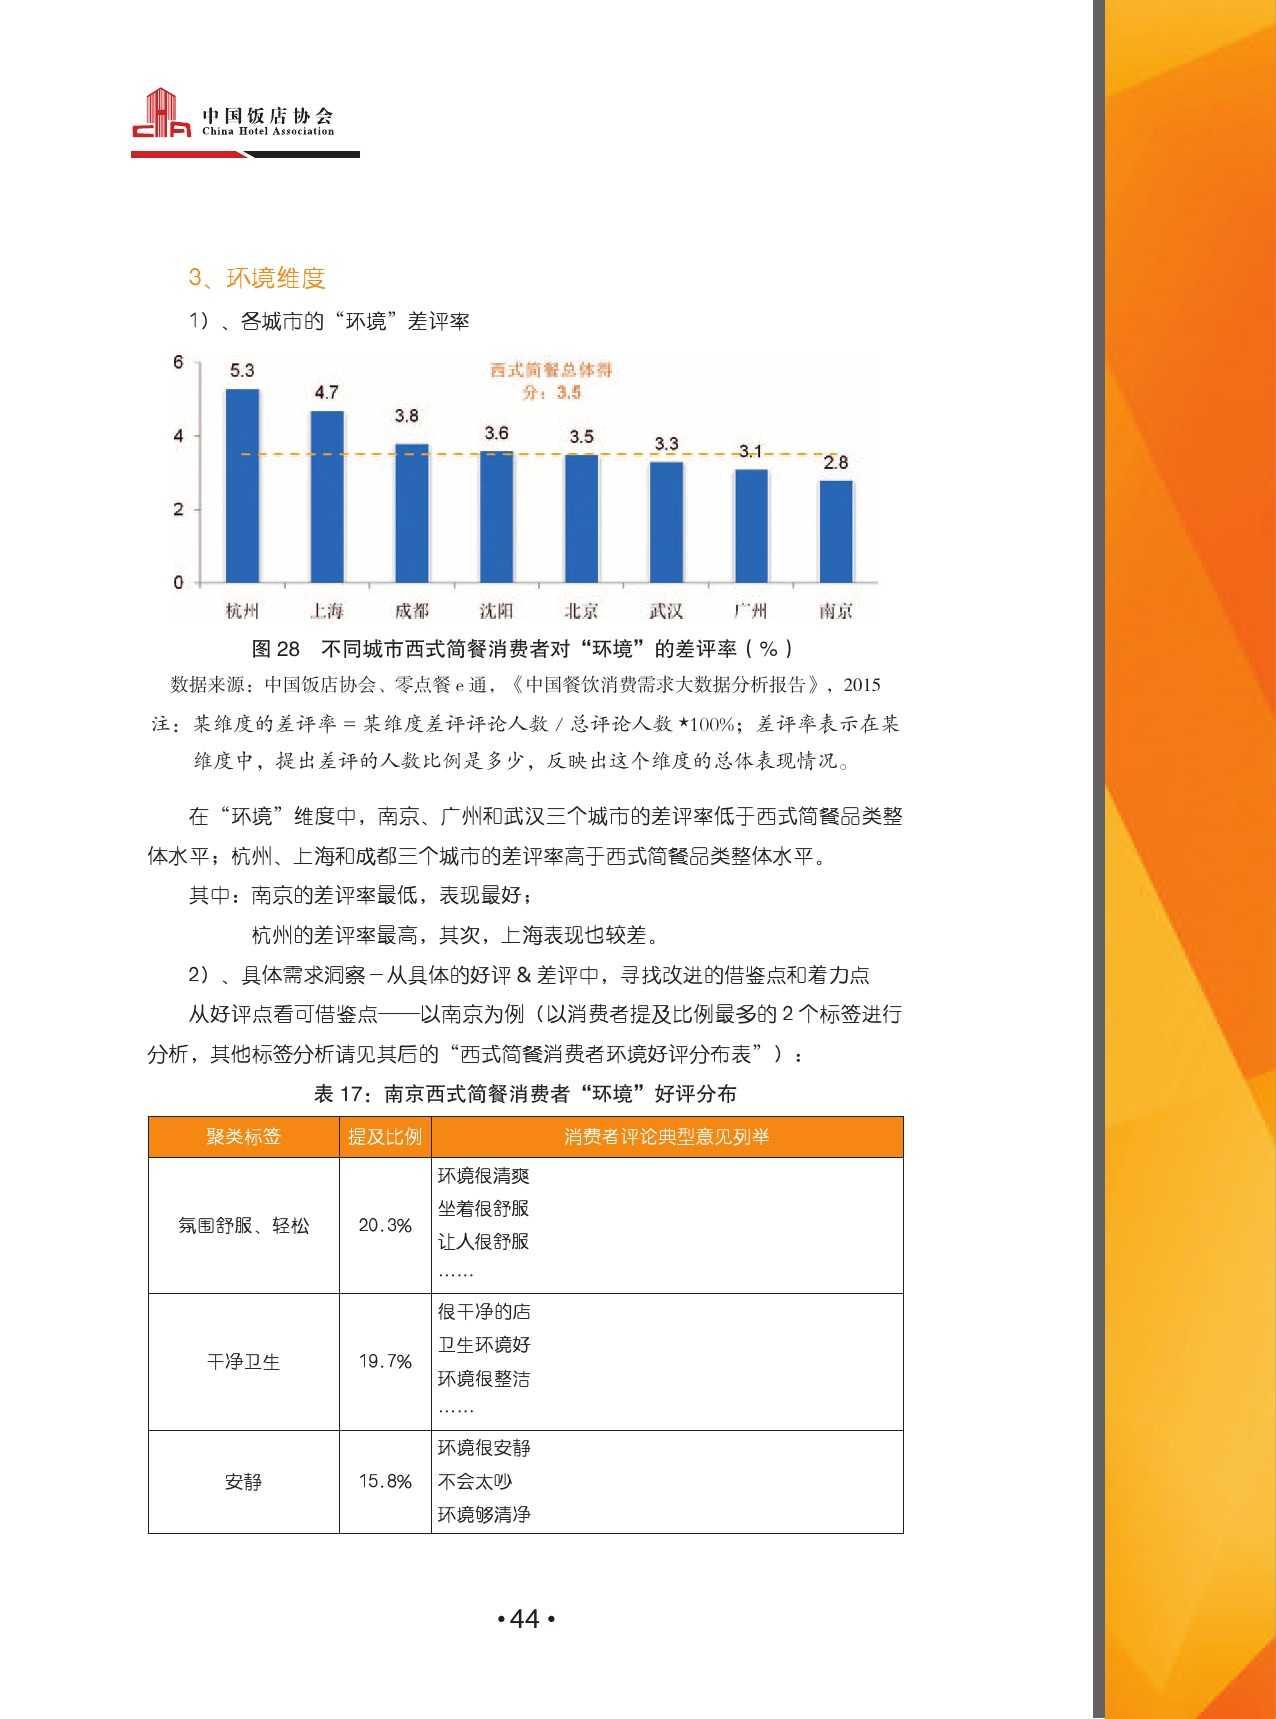 2015中国餐饮消费需求大数据分析报告_000046